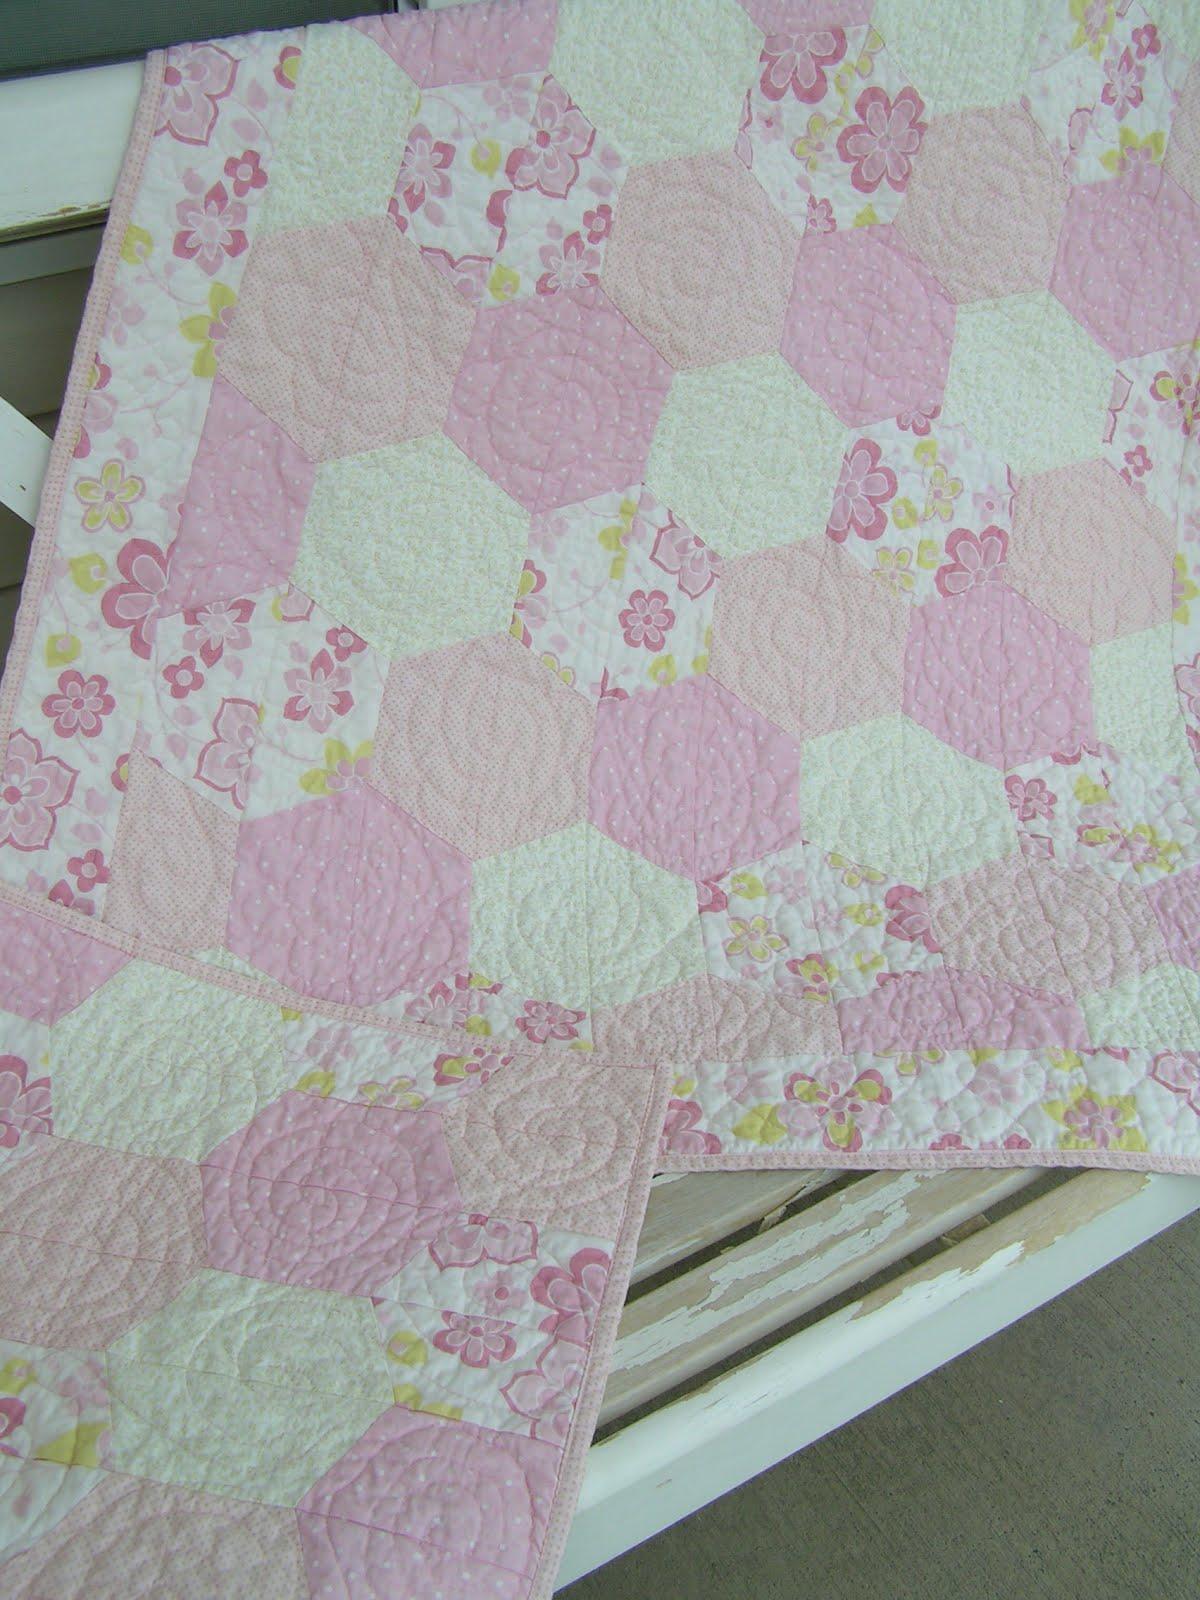 Tea Rose Home: Hexagon Baby Quilt : hexagon baby quilt - Adamdwight.com